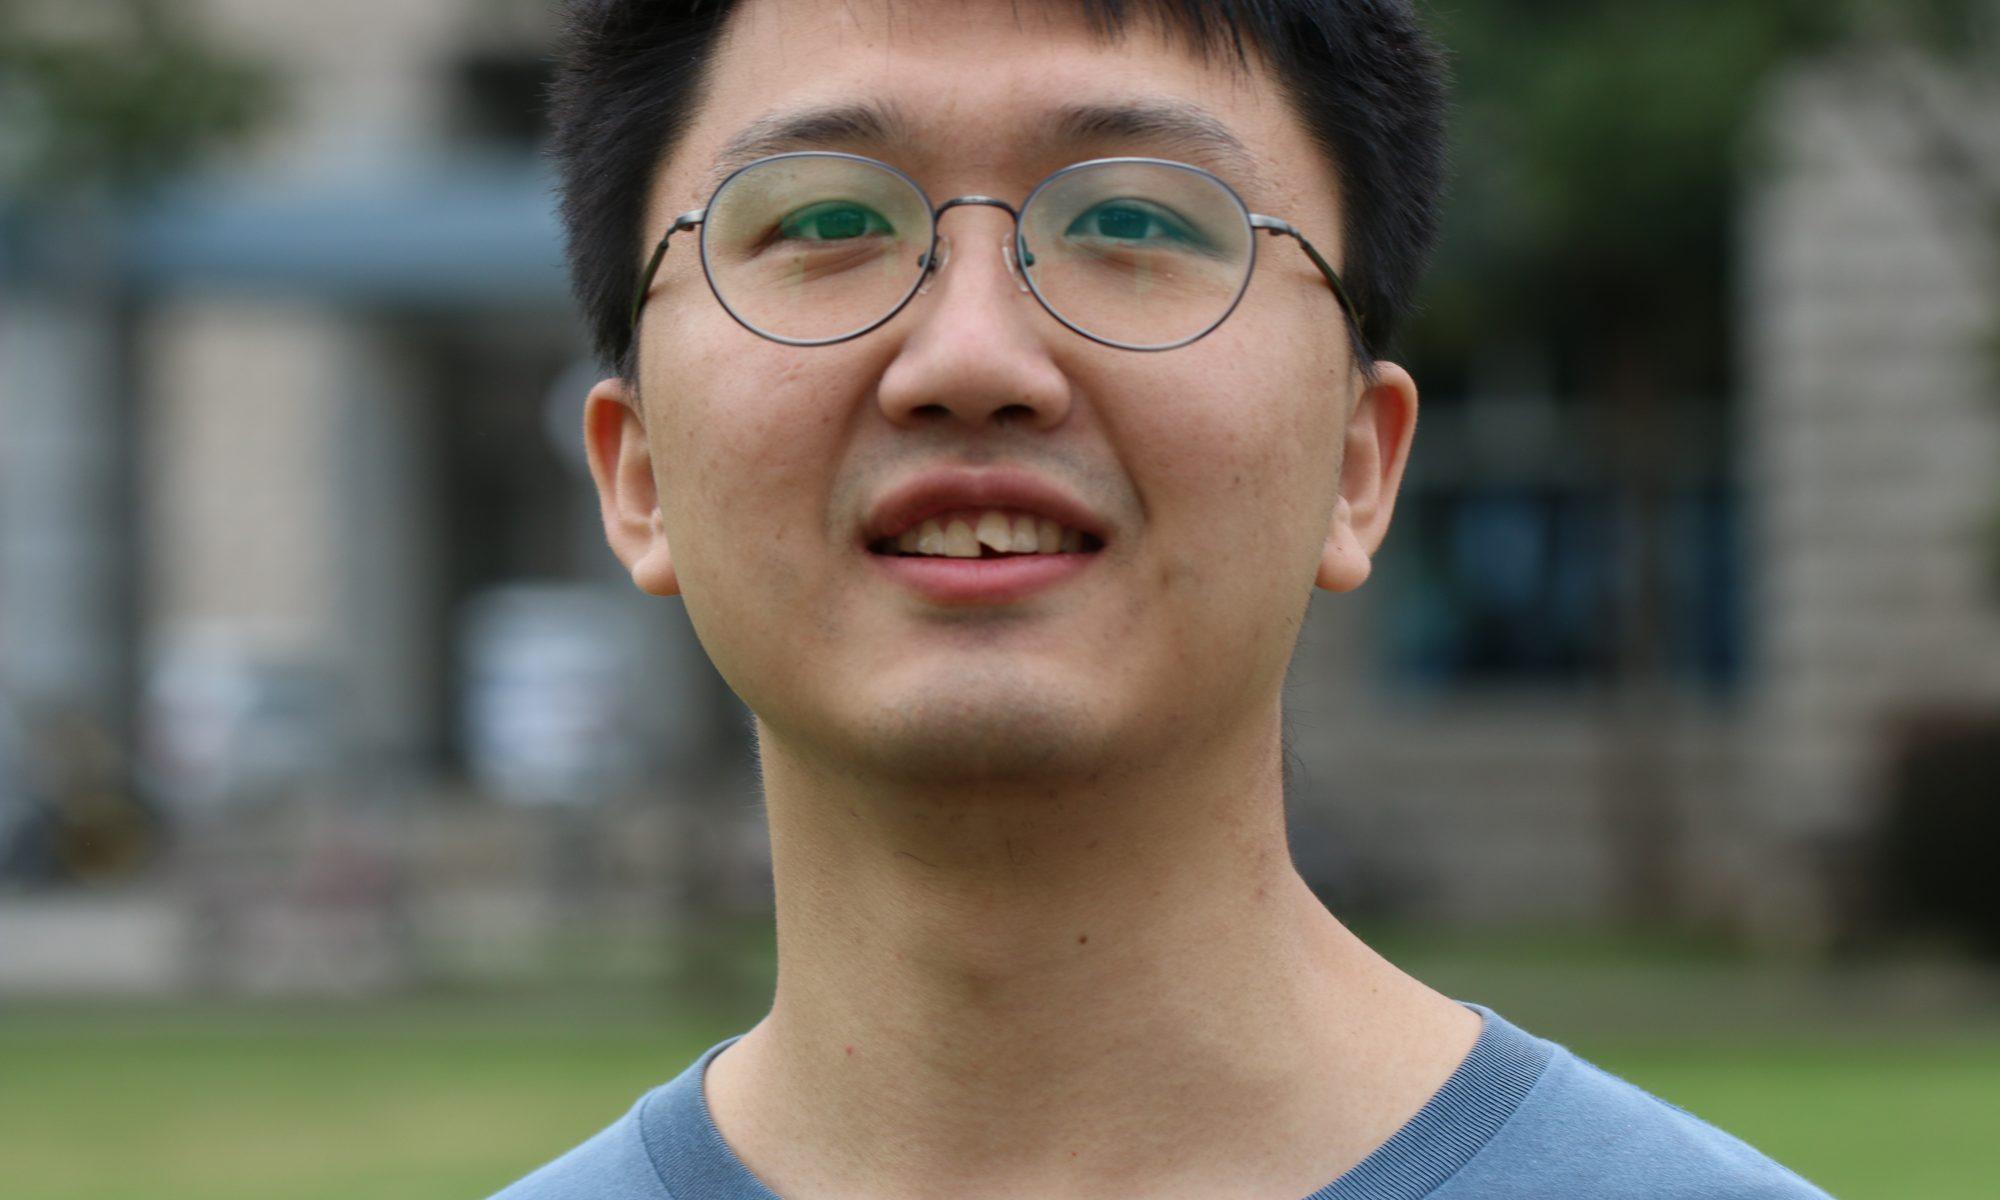 Pang Guan